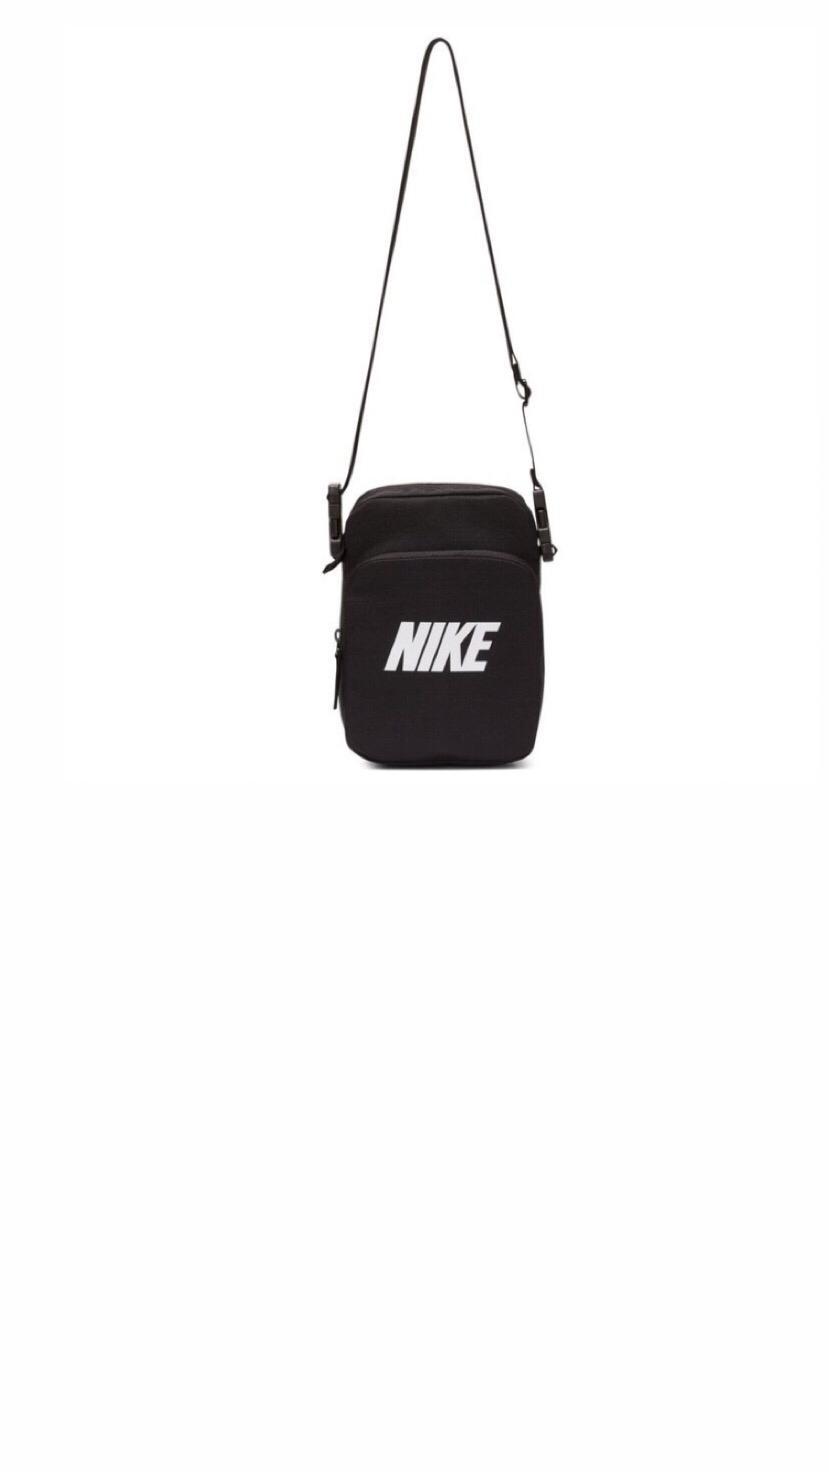 לצפייה במוצר NIKE HERITAGE 2.0 SIDE BAG